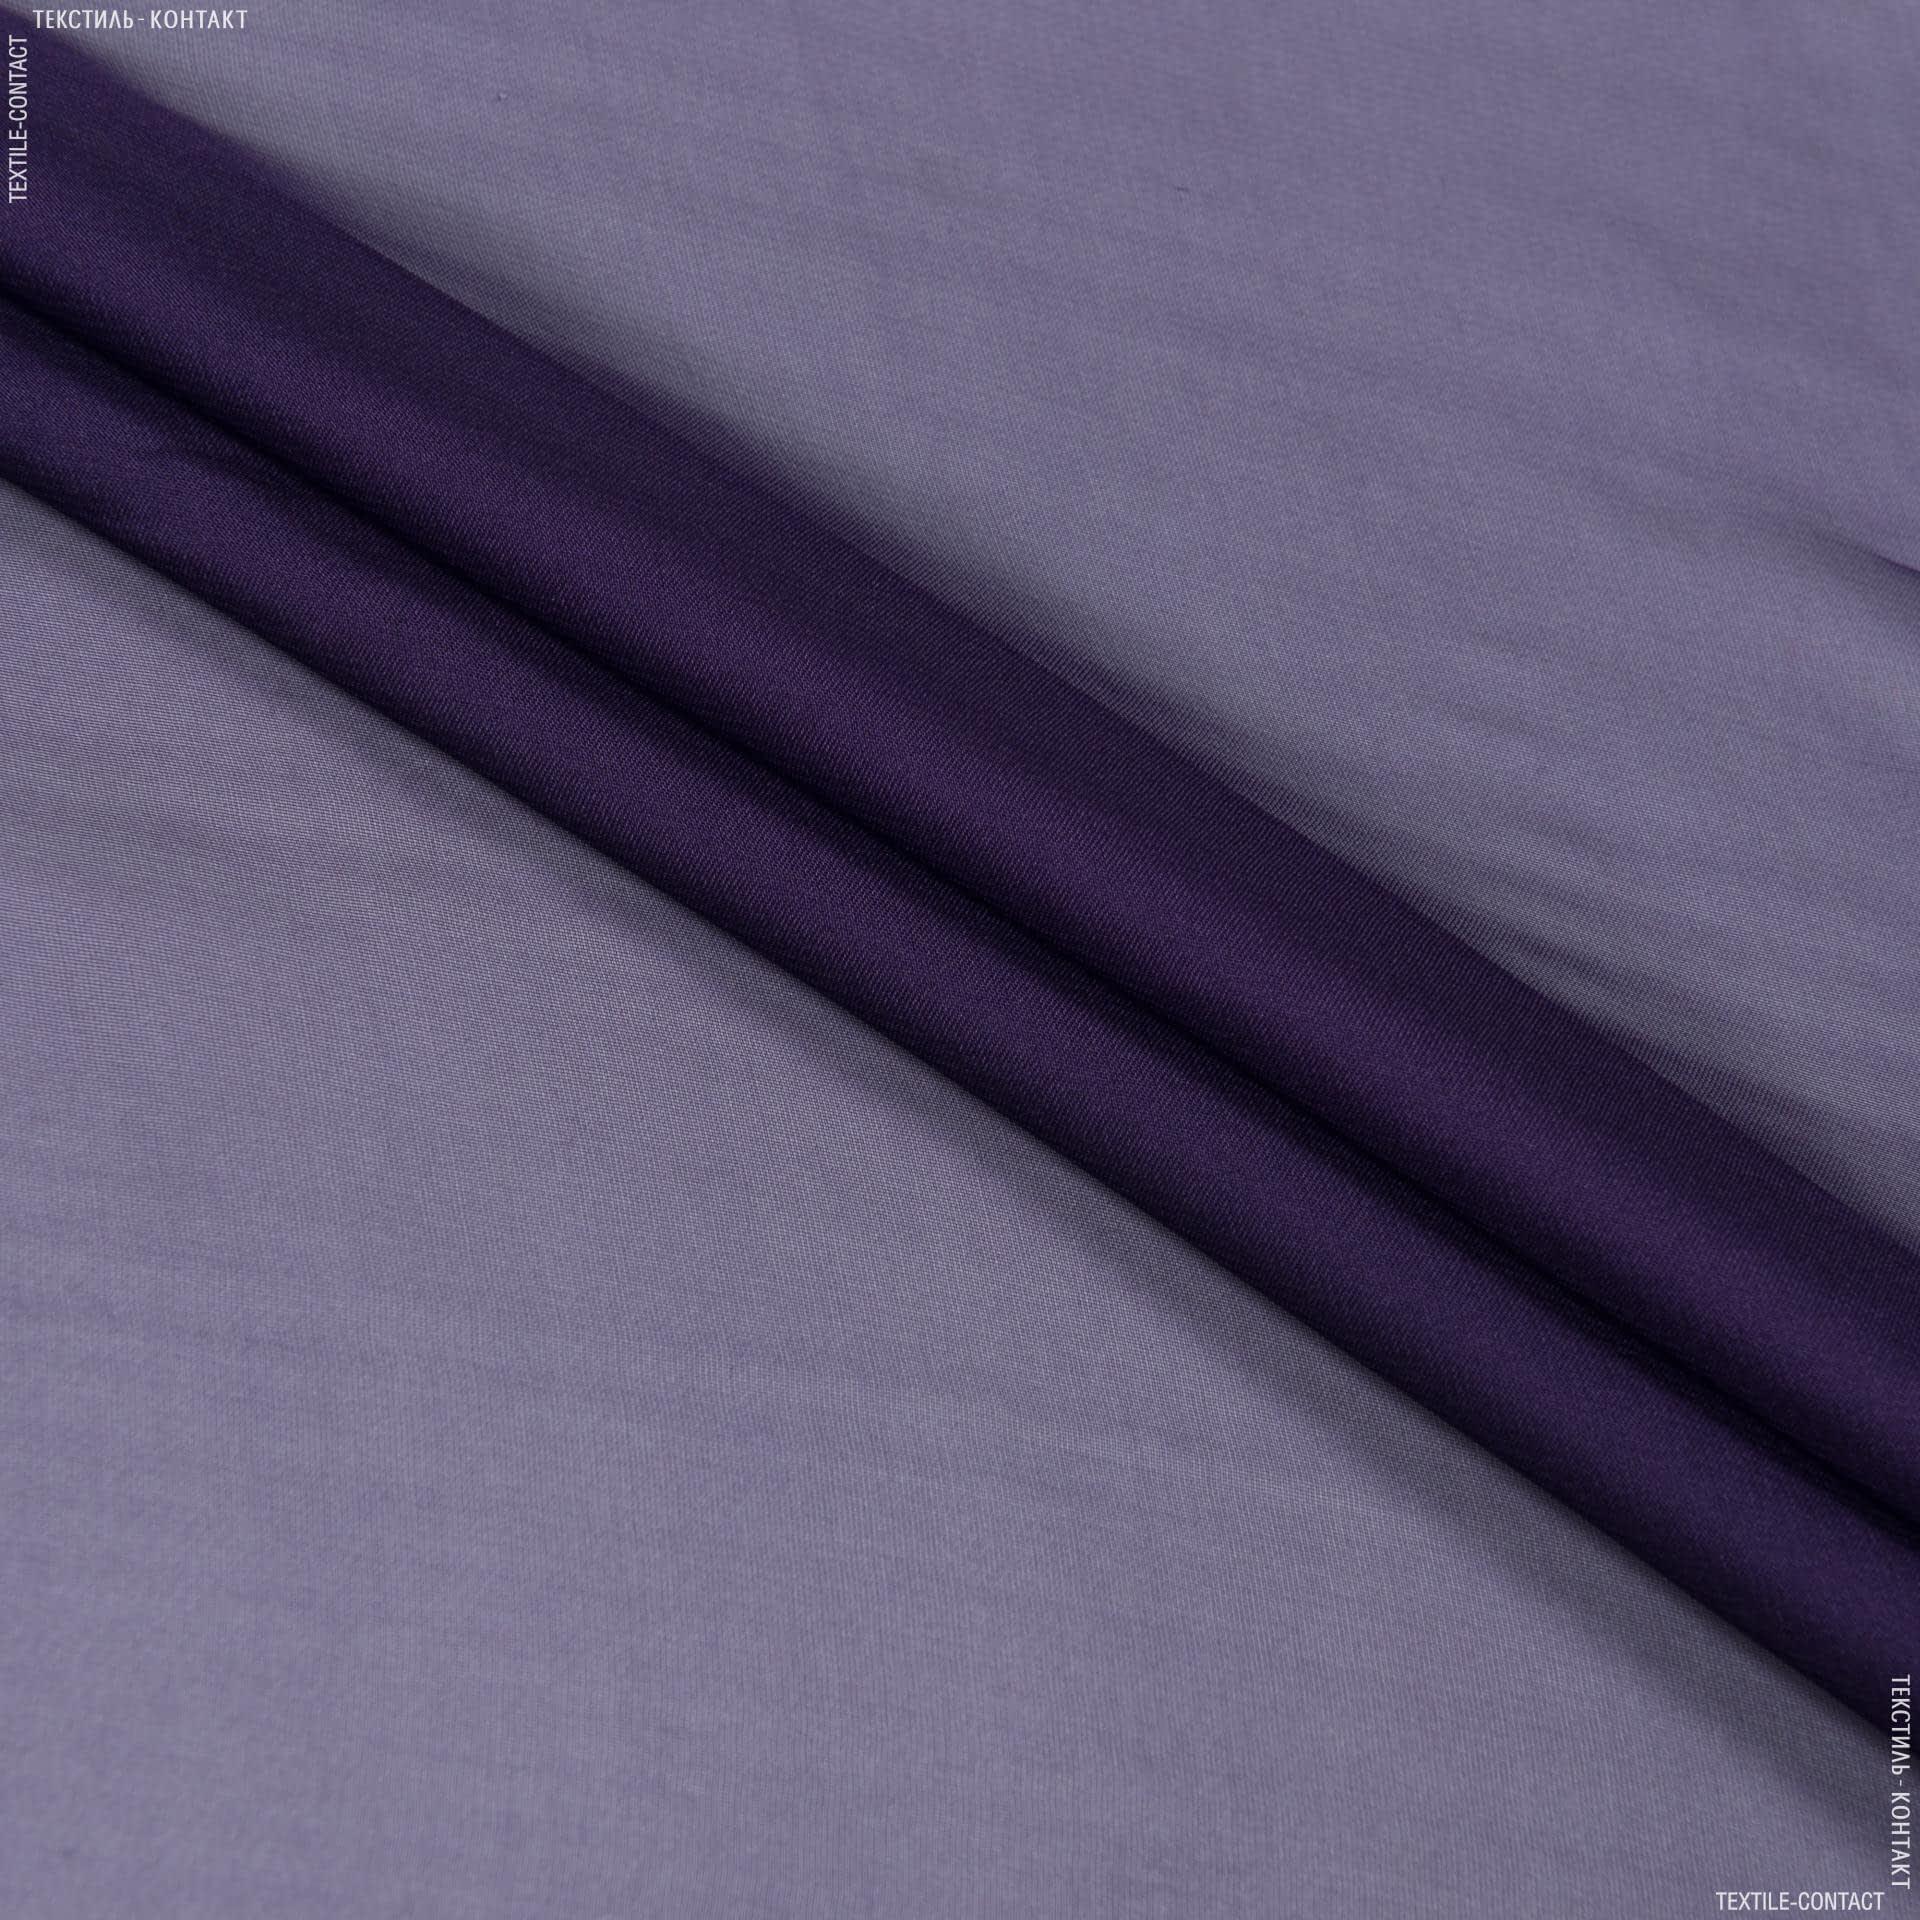 Ткани для платьев - Шифон темно-фиолетовый